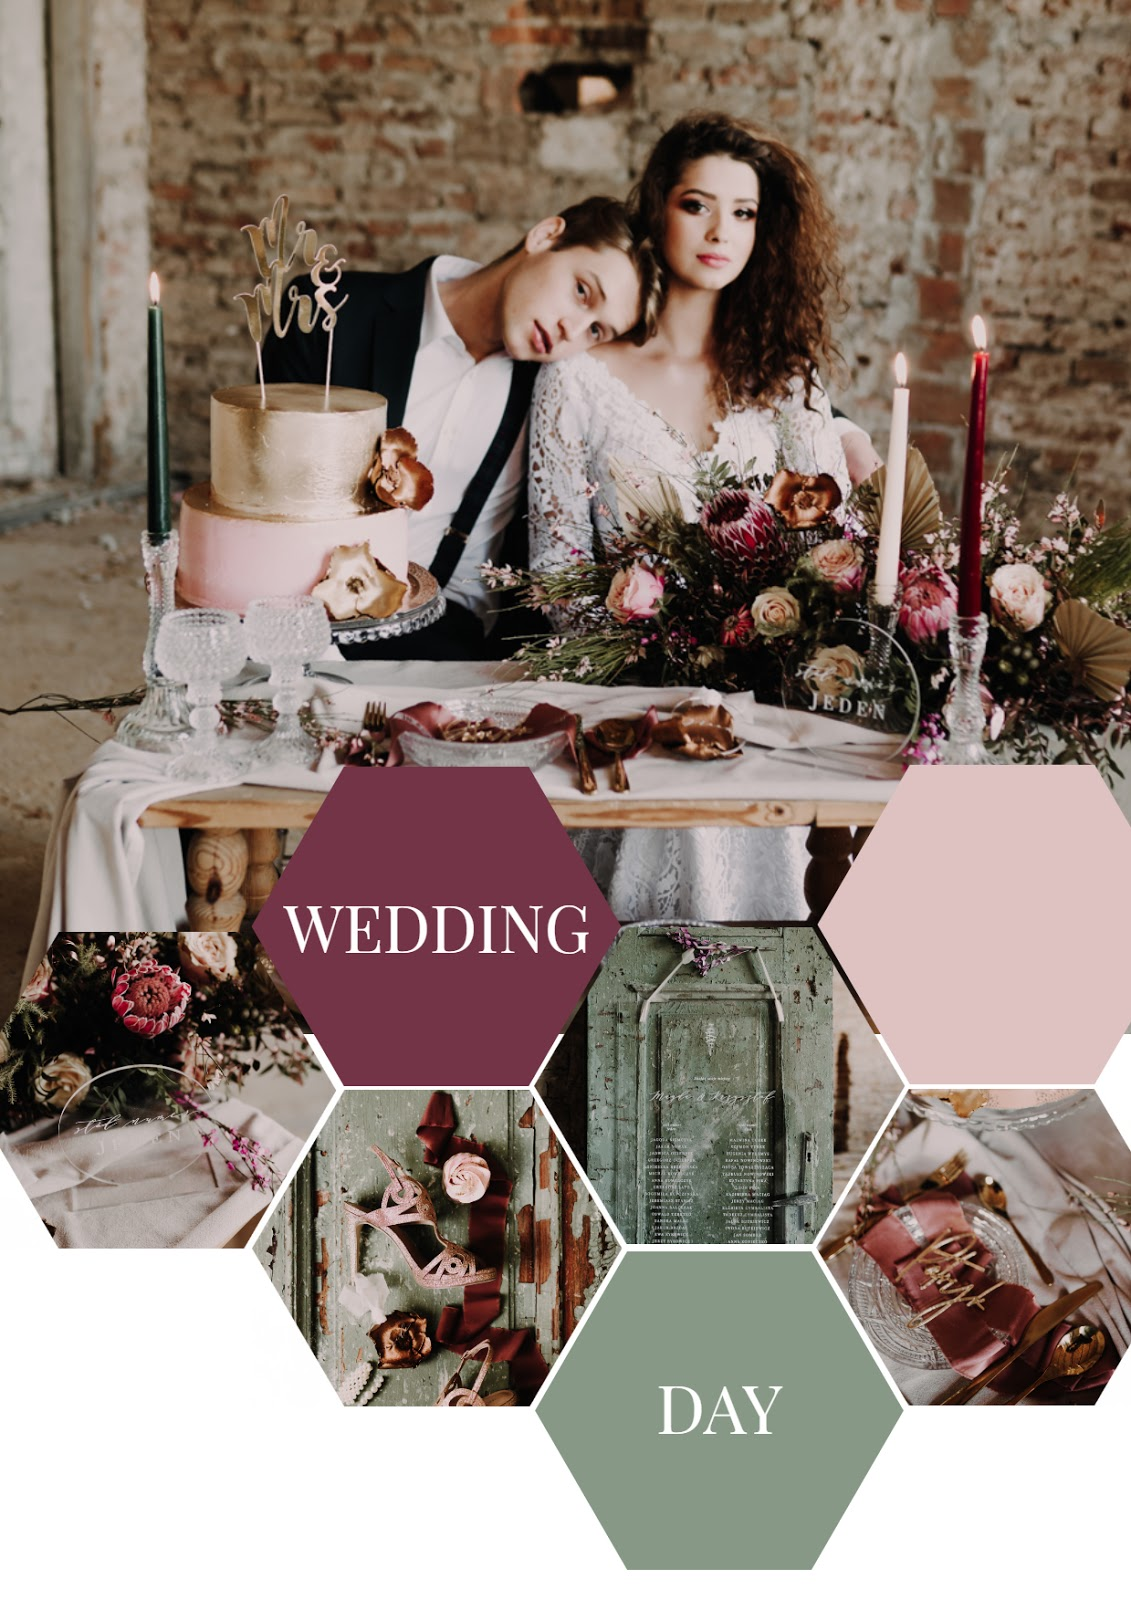 Sesja zdjęciowa Yes, I do photography. Włoski klimat z nutką boho. Fotografia ślubna, słodki stół, tort weselny, suknia ślubna, garnitur, papeteria ślubna.